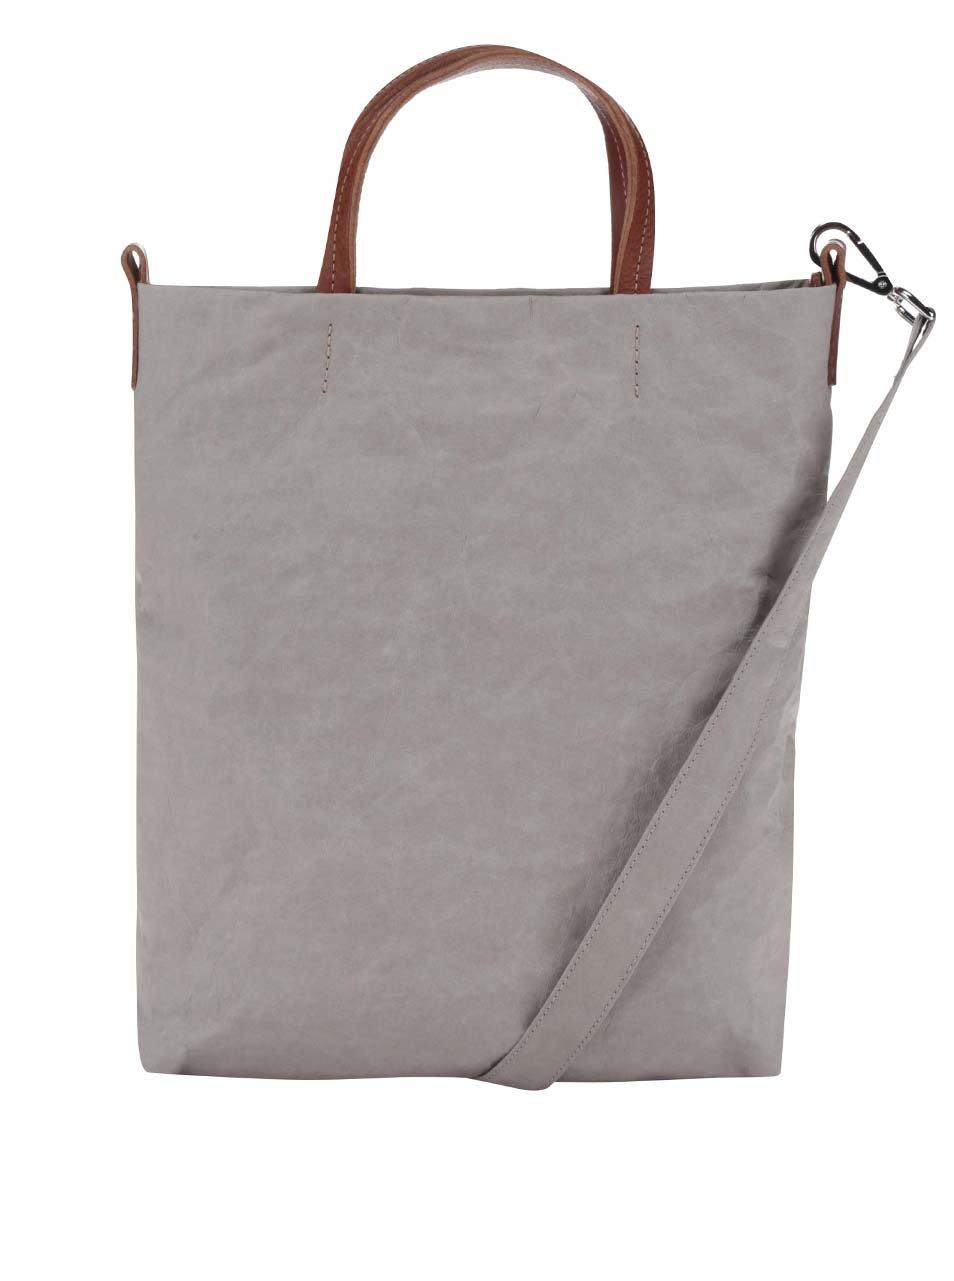 Světle šedá kabelka s koženými uchy Uashmama Carry Two